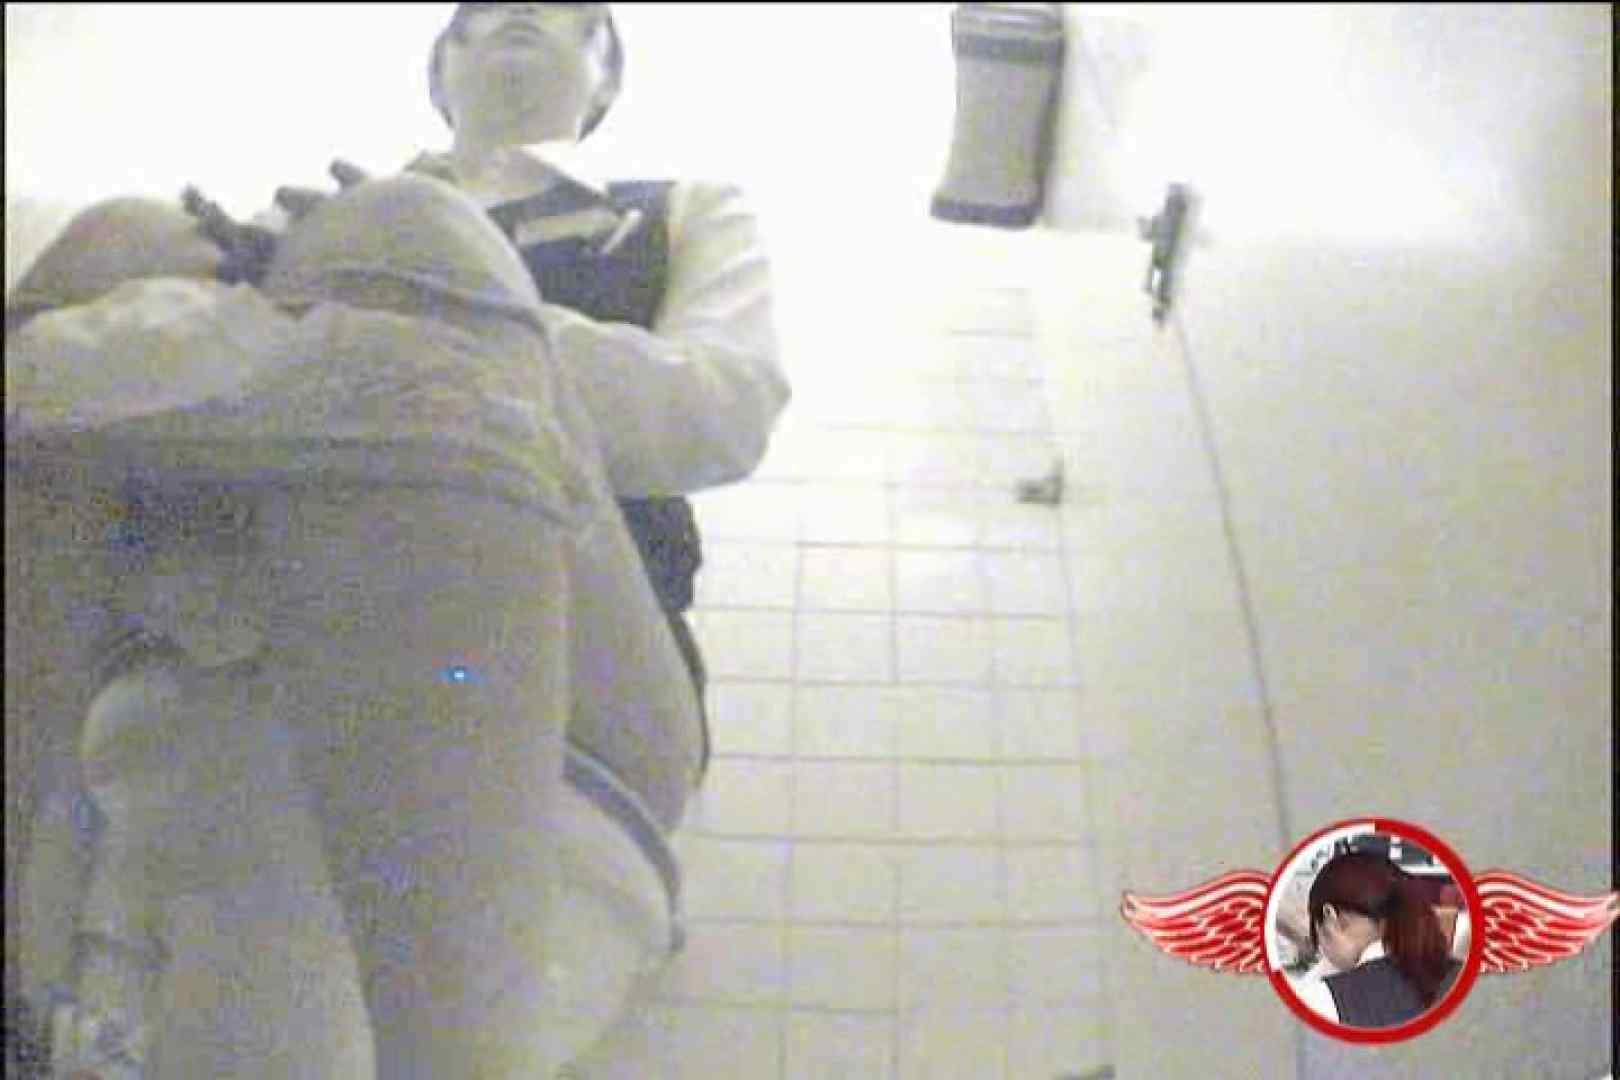 盗撮師が入院ついでに盗撮してきました~Vol.2 盗撮 ぱこり動画紹介 52PIX 44